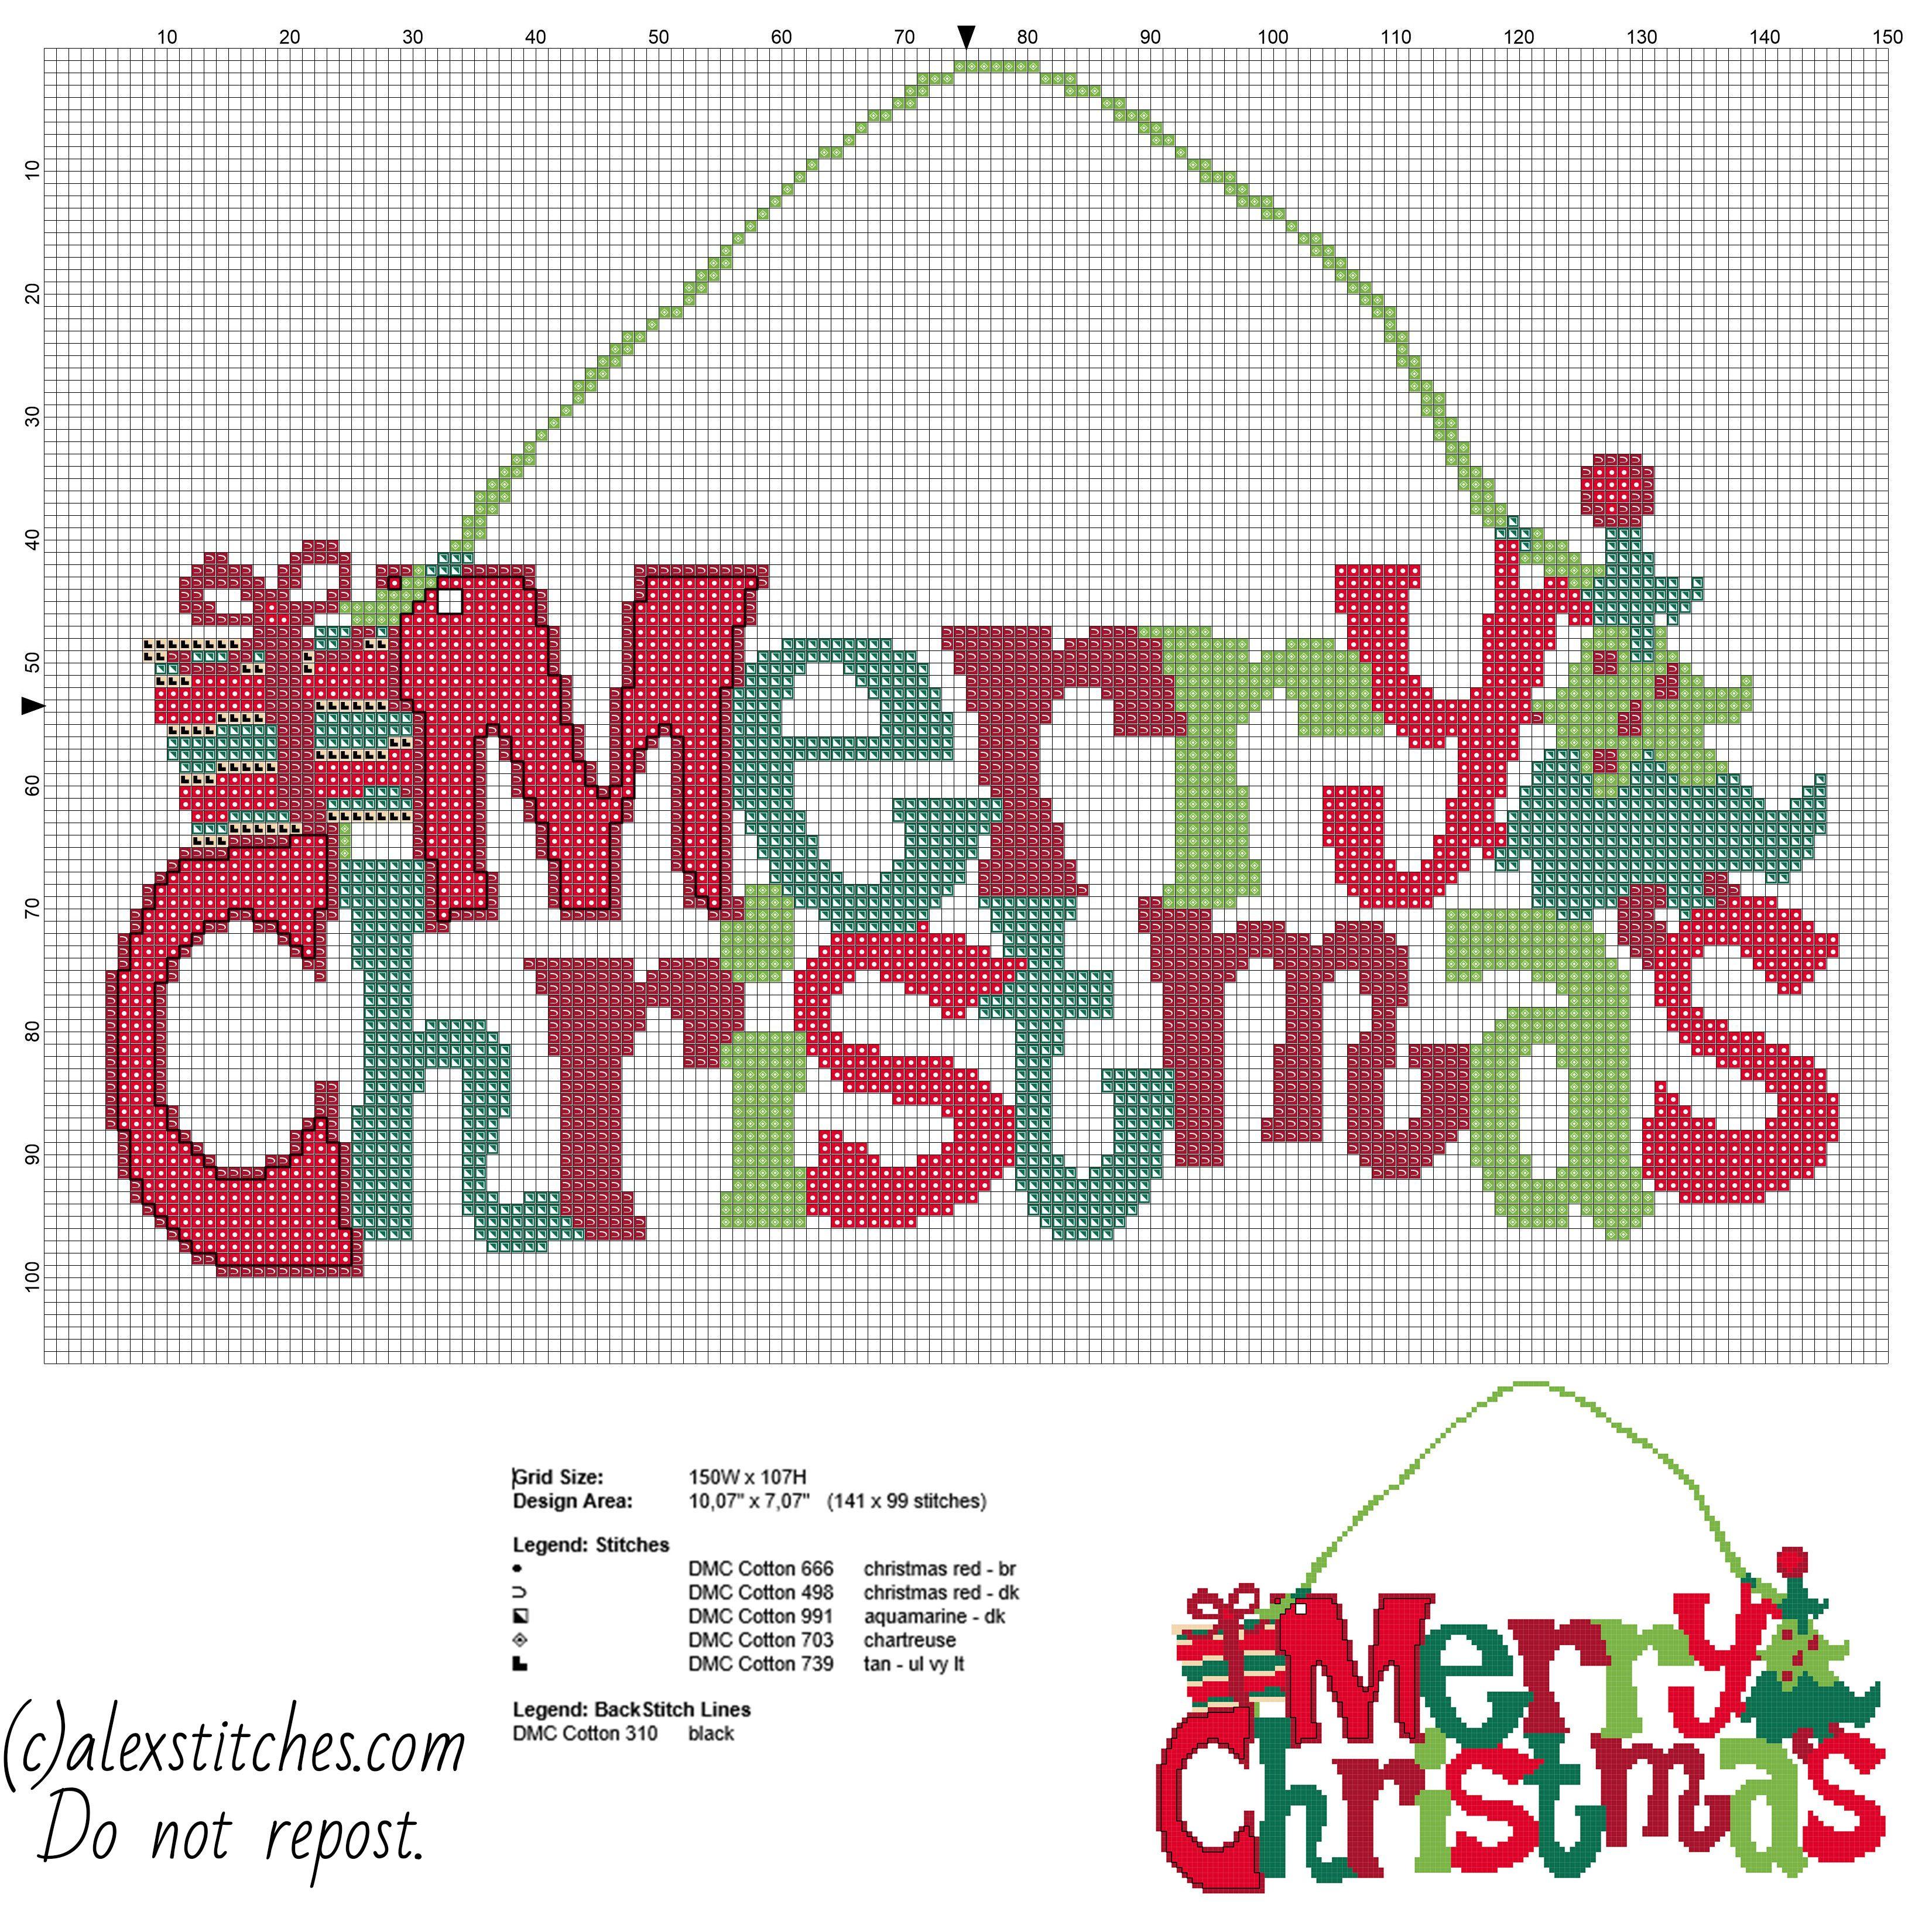 Christmas Cross Stitch Patterns Unique Design Ideas